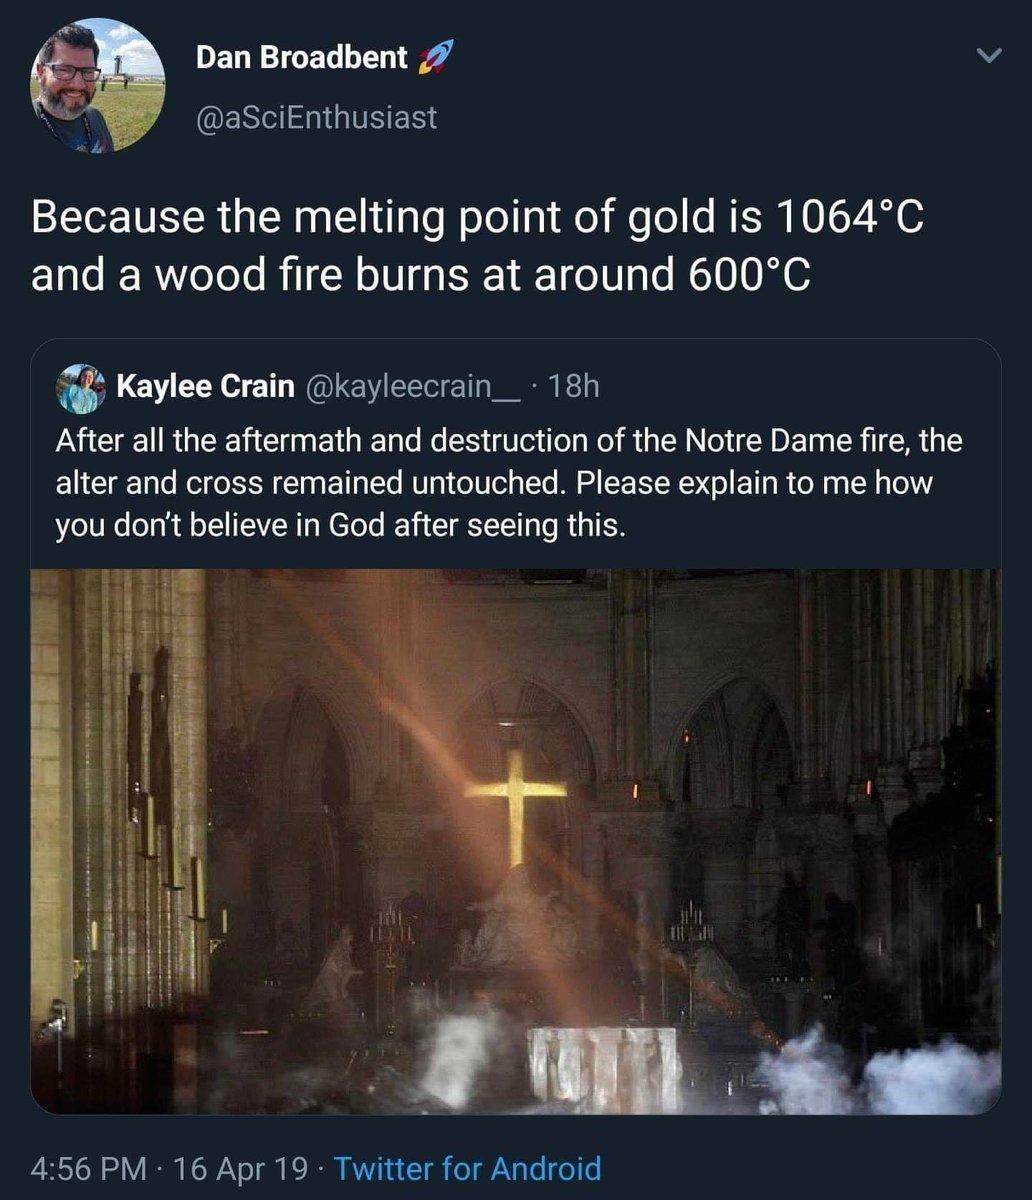 キリスト教徒「ノートルダム火災で十字架だけ残った!奇跡だ!」 マジレス厨「!?」シュバババ